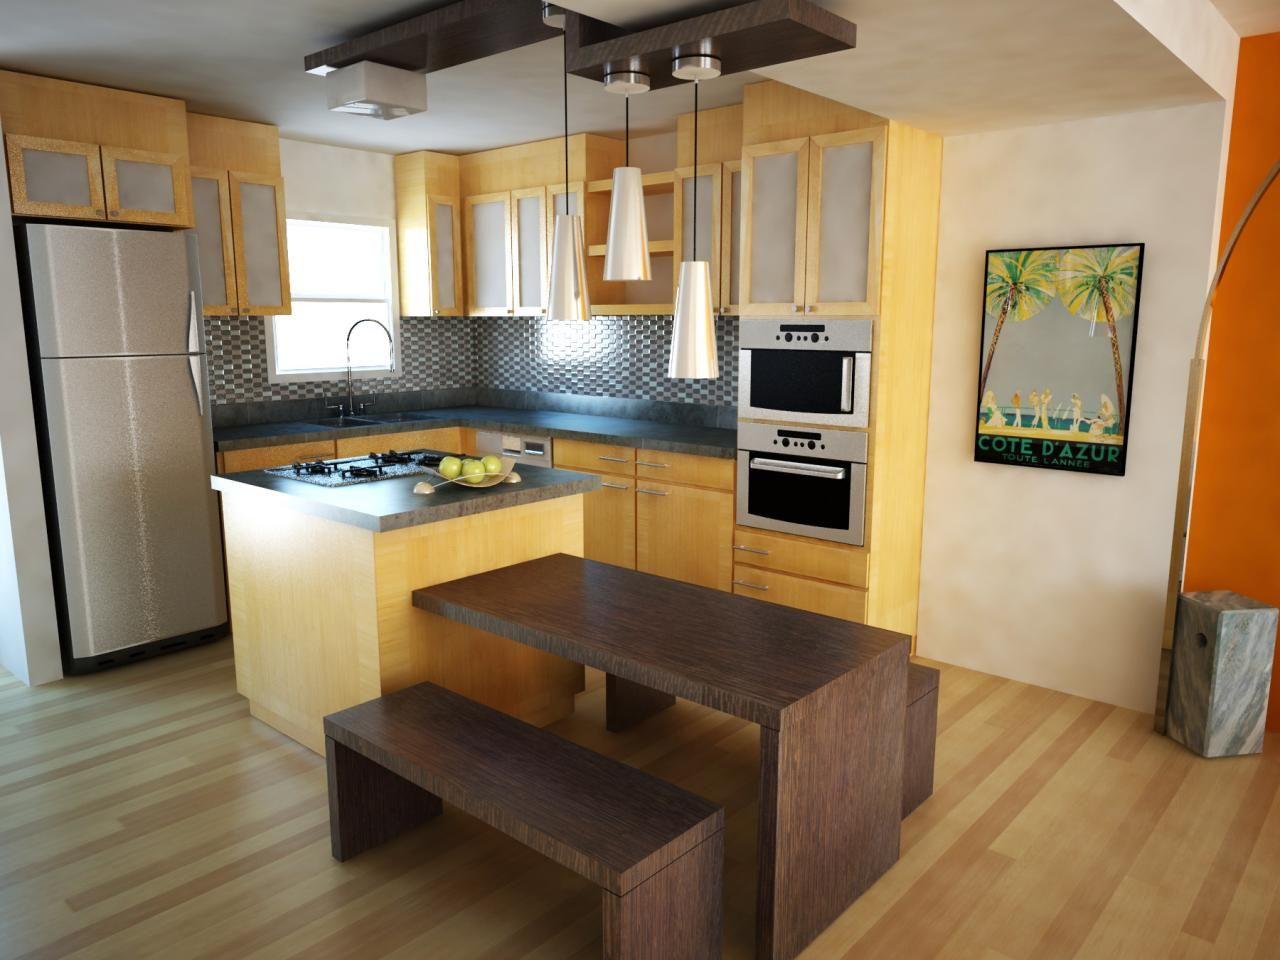 Badezimmer aus küchenideen kleine küche renovieren ideen  offene küche design ist in der regel